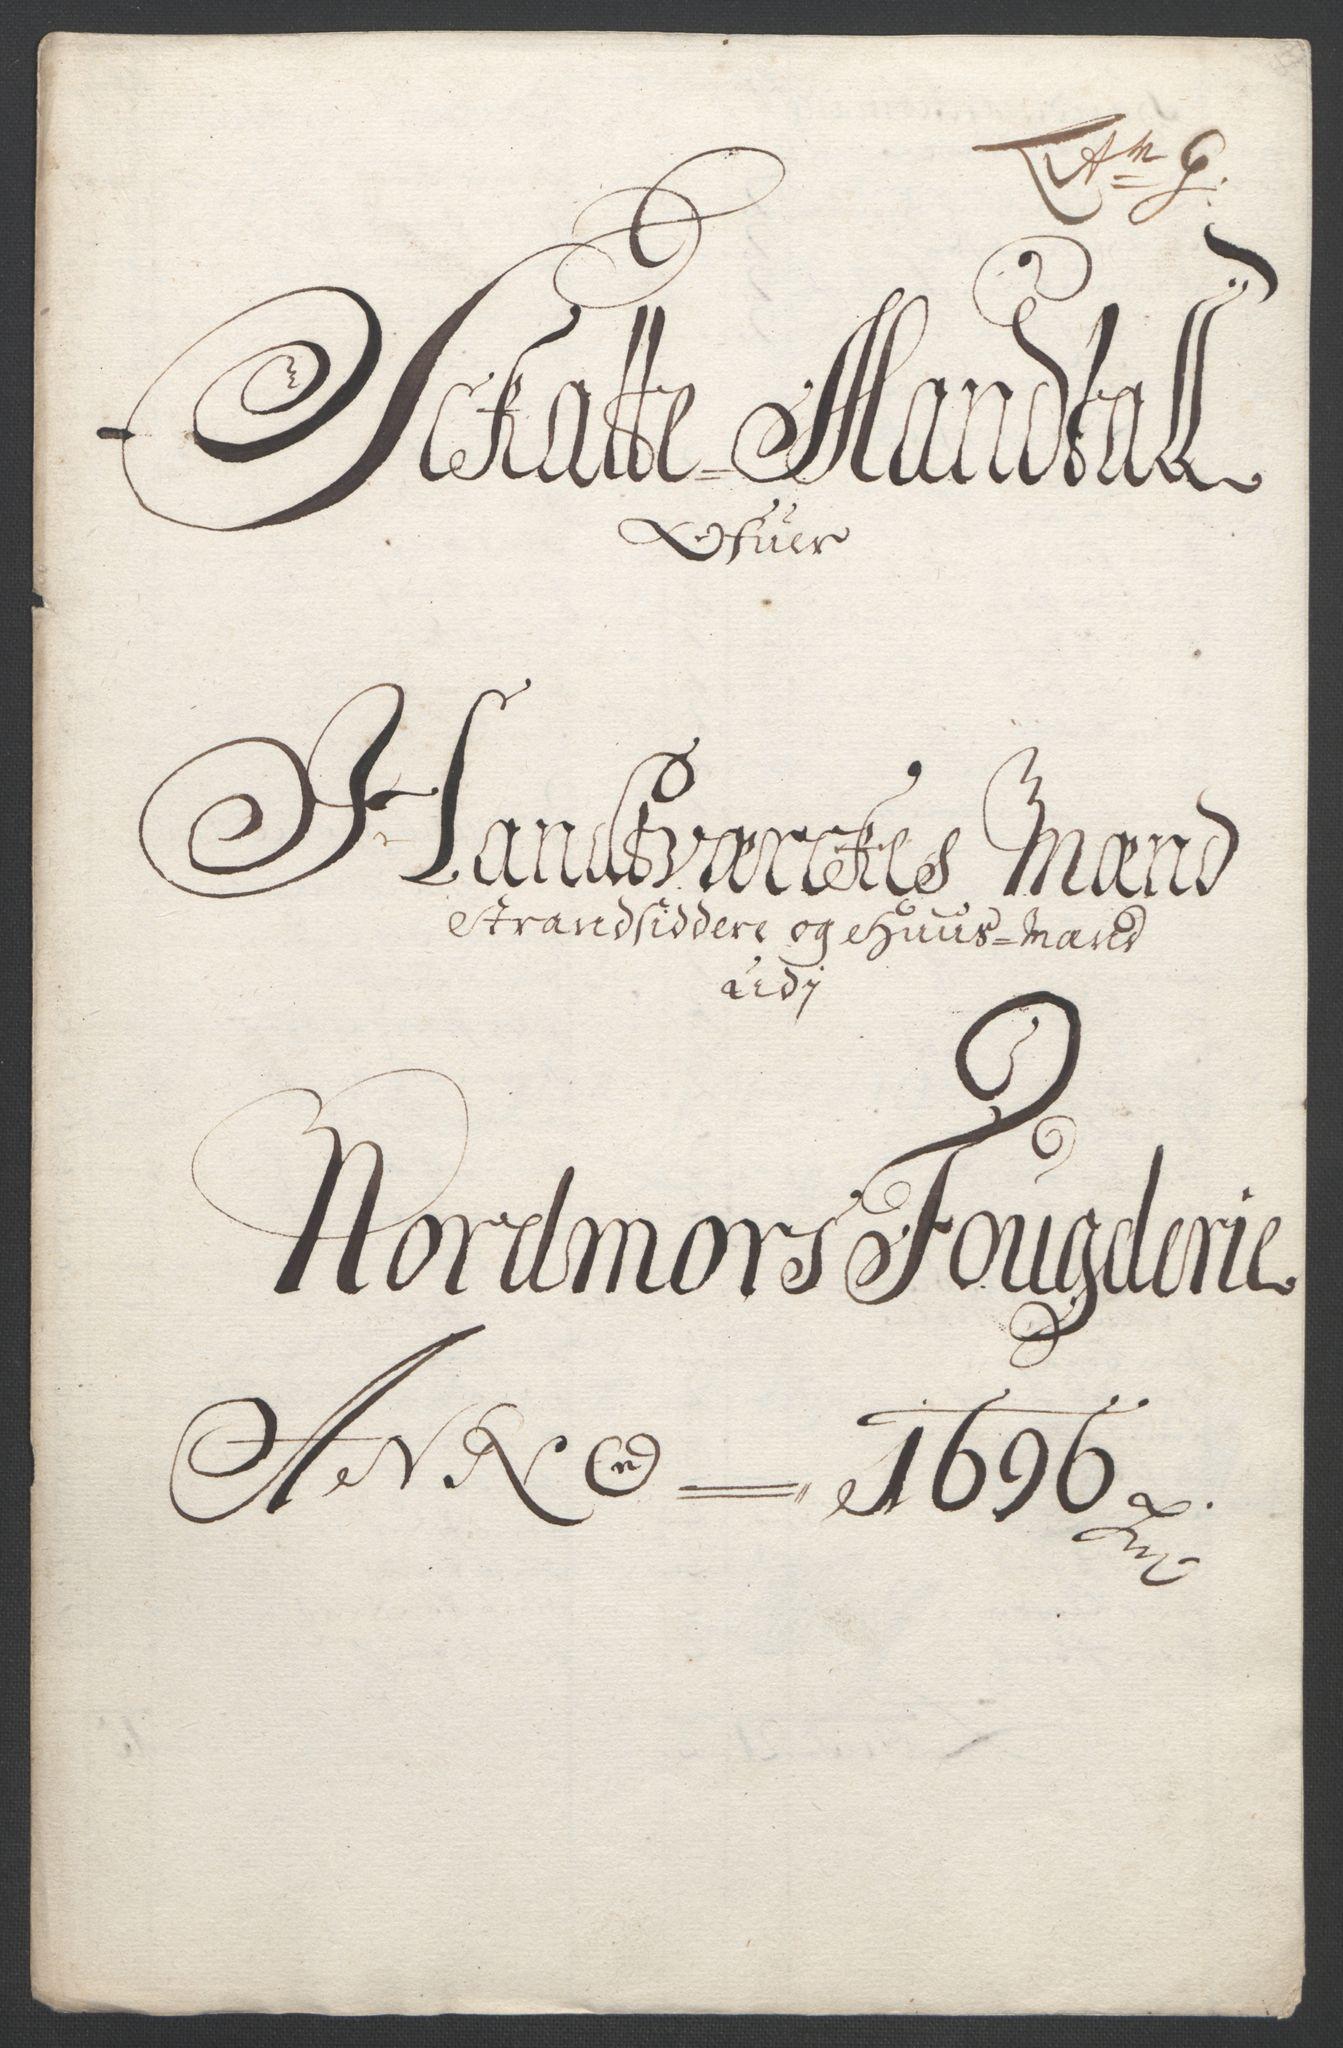 RA, Rentekammeret inntil 1814, Reviderte regnskaper, Fogderegnskap, R56/L3736: Fogderegnskap Nordmøre, 1694-1696, s. 424